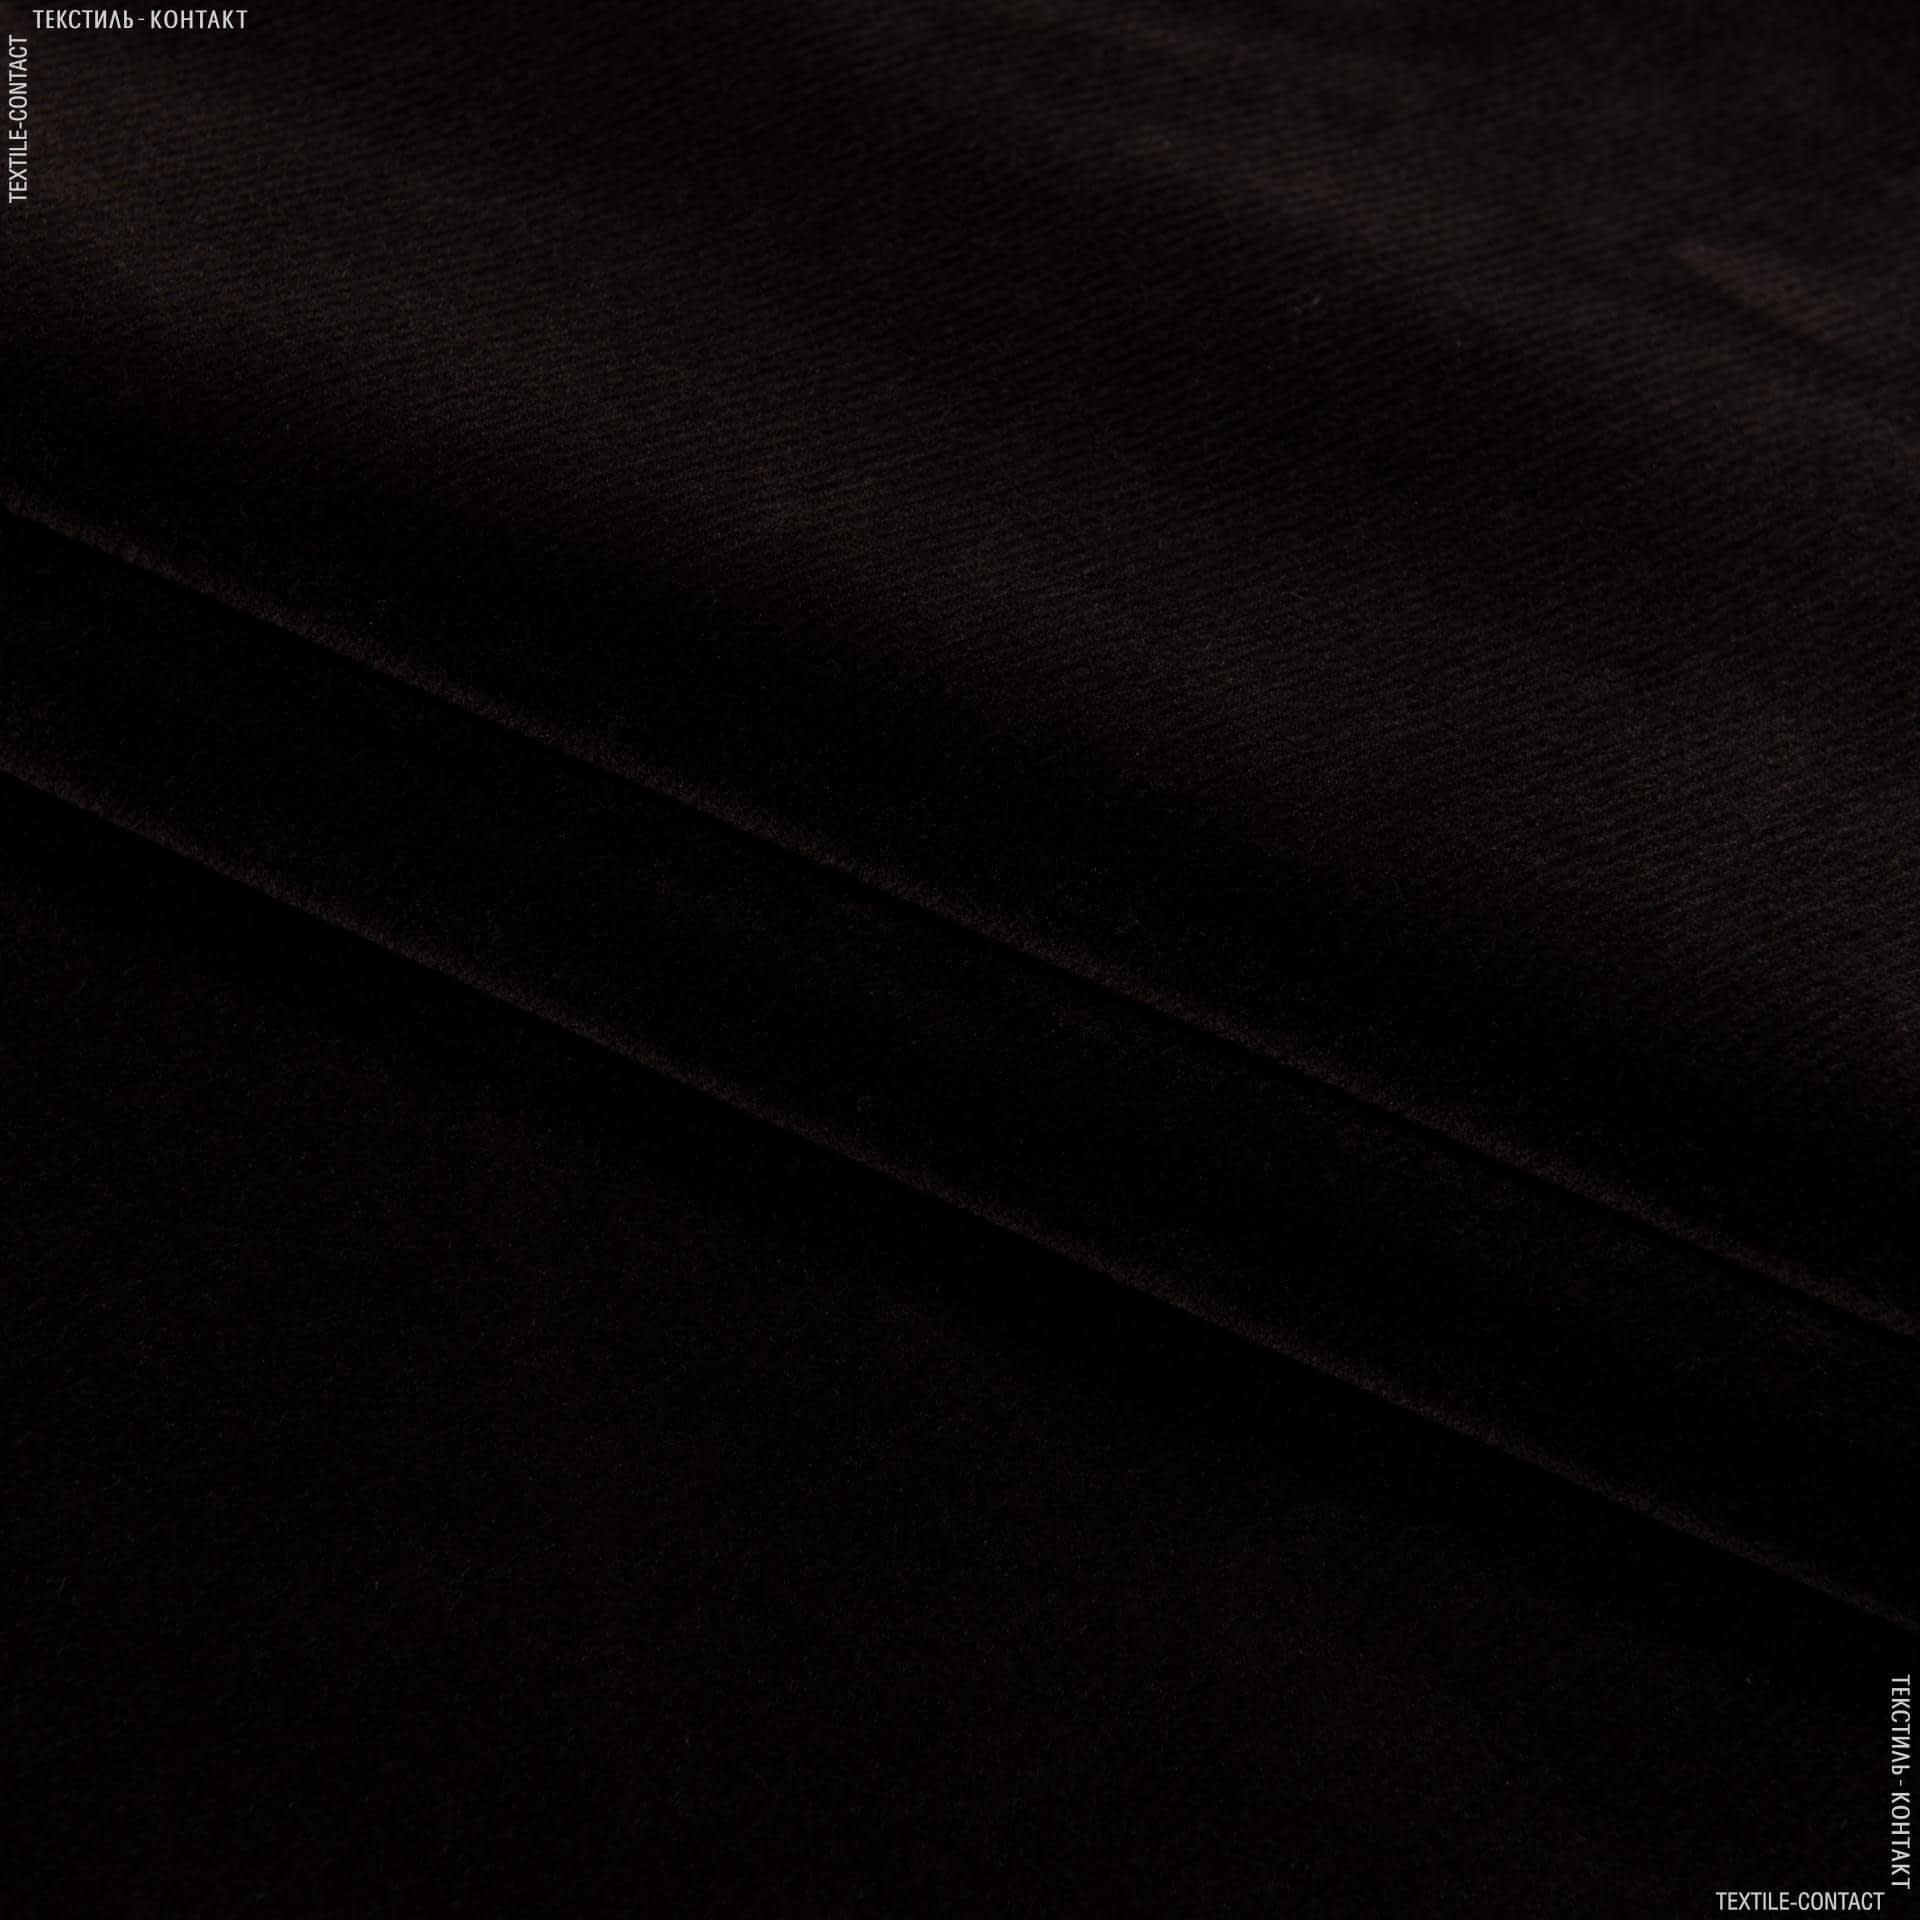 Тканини horeca - Велюр з вогнетривким просоченням метро / metro т. шоколад  сток